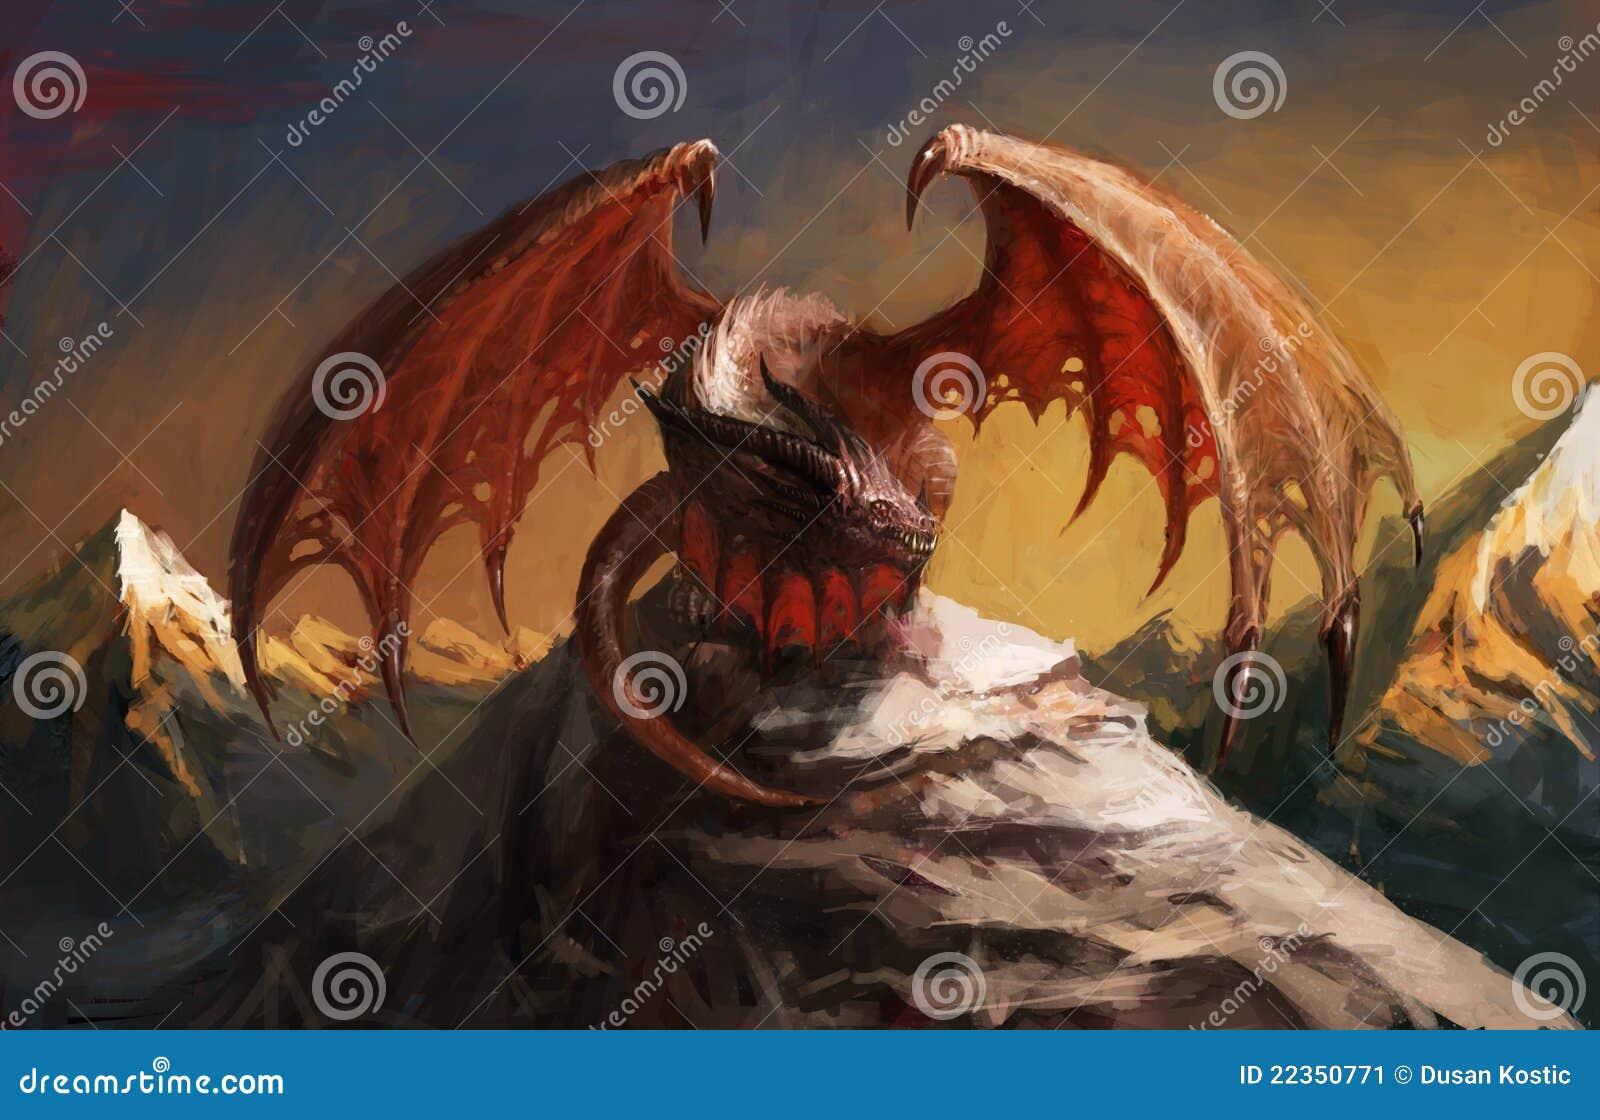 Montagne de dragon